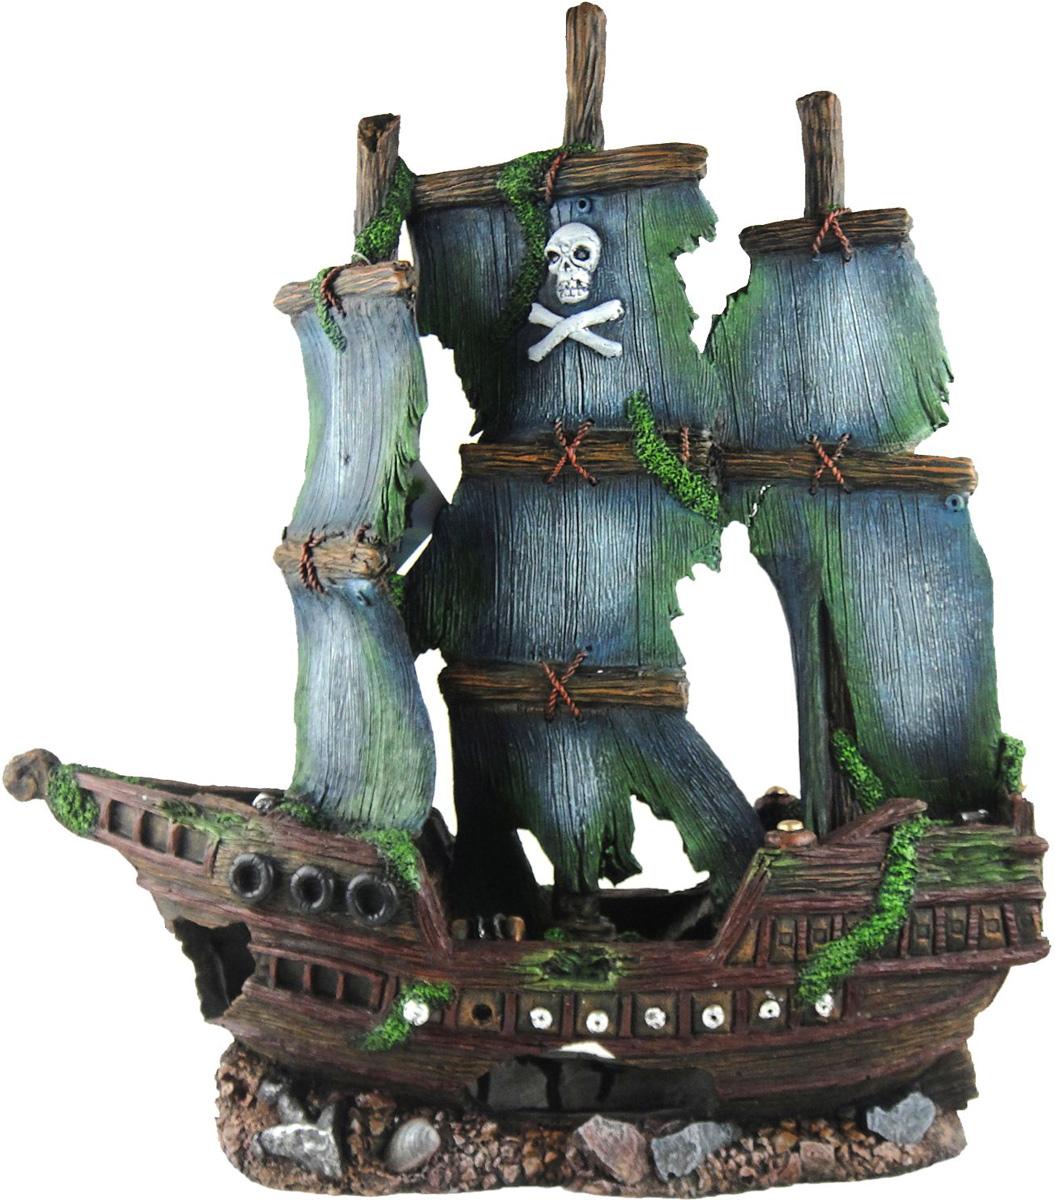 Грот Meijing Aquarium  Затонувший пиратский корабль . YM-833 - Аксессуары для аквариумов